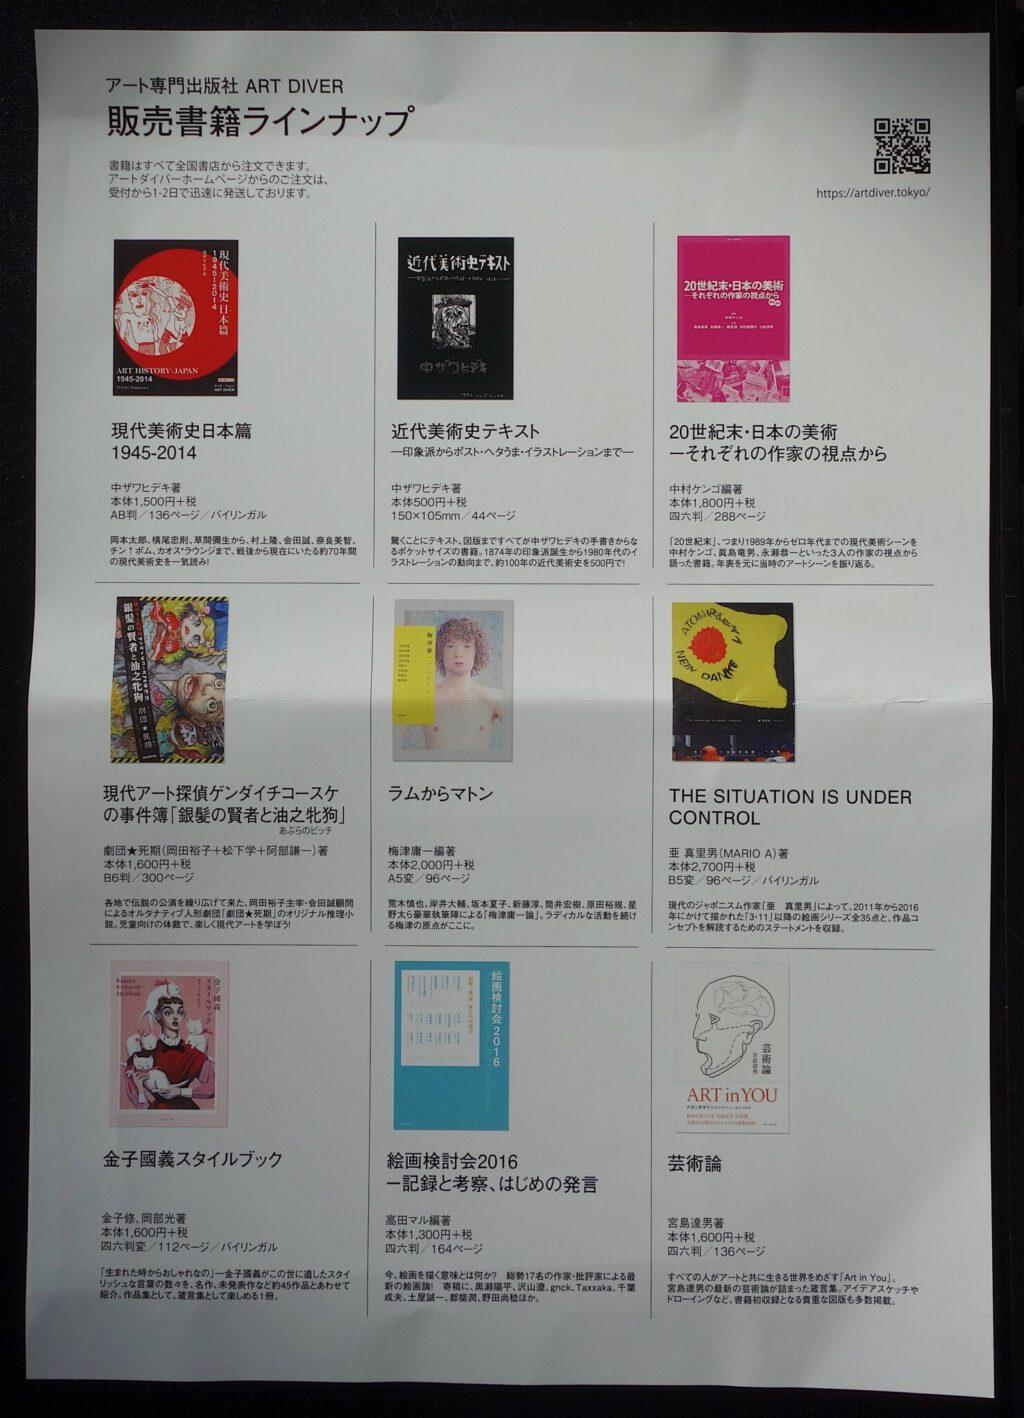 アートダイバーから出版されている本のリスト1